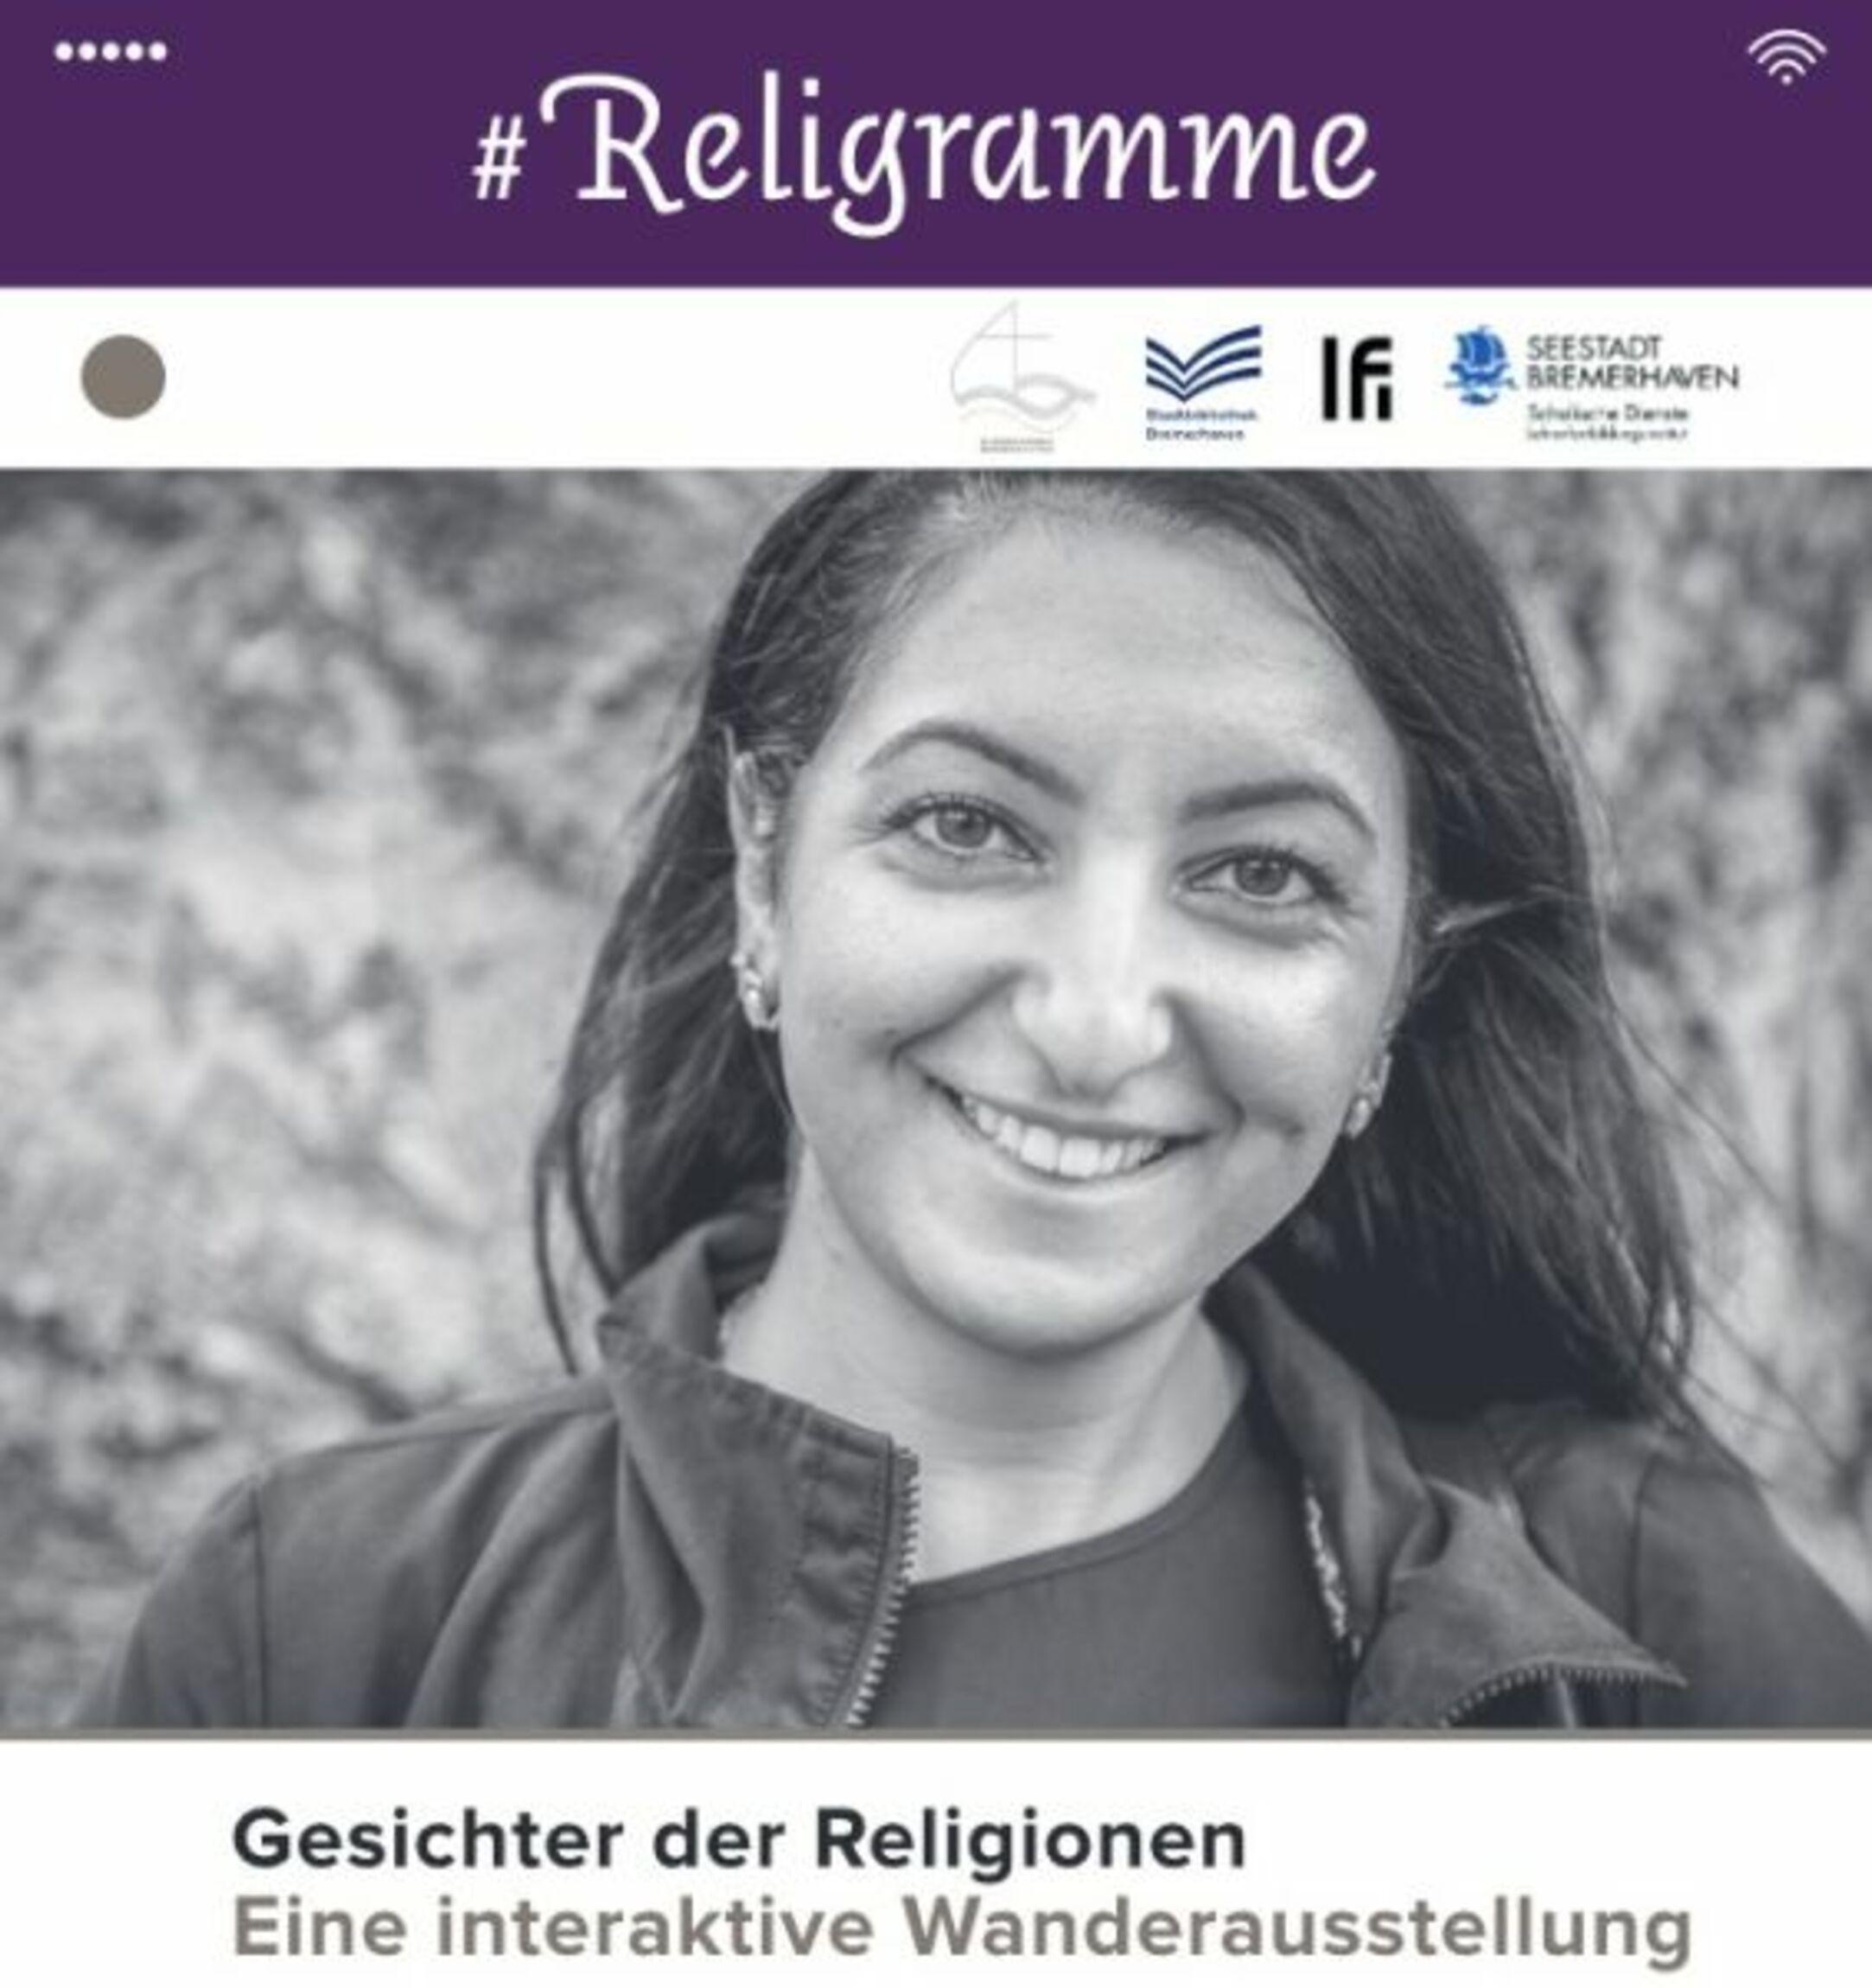 Ev. luth. Kirchenkreis Bremerhaven – Wanderausstellung